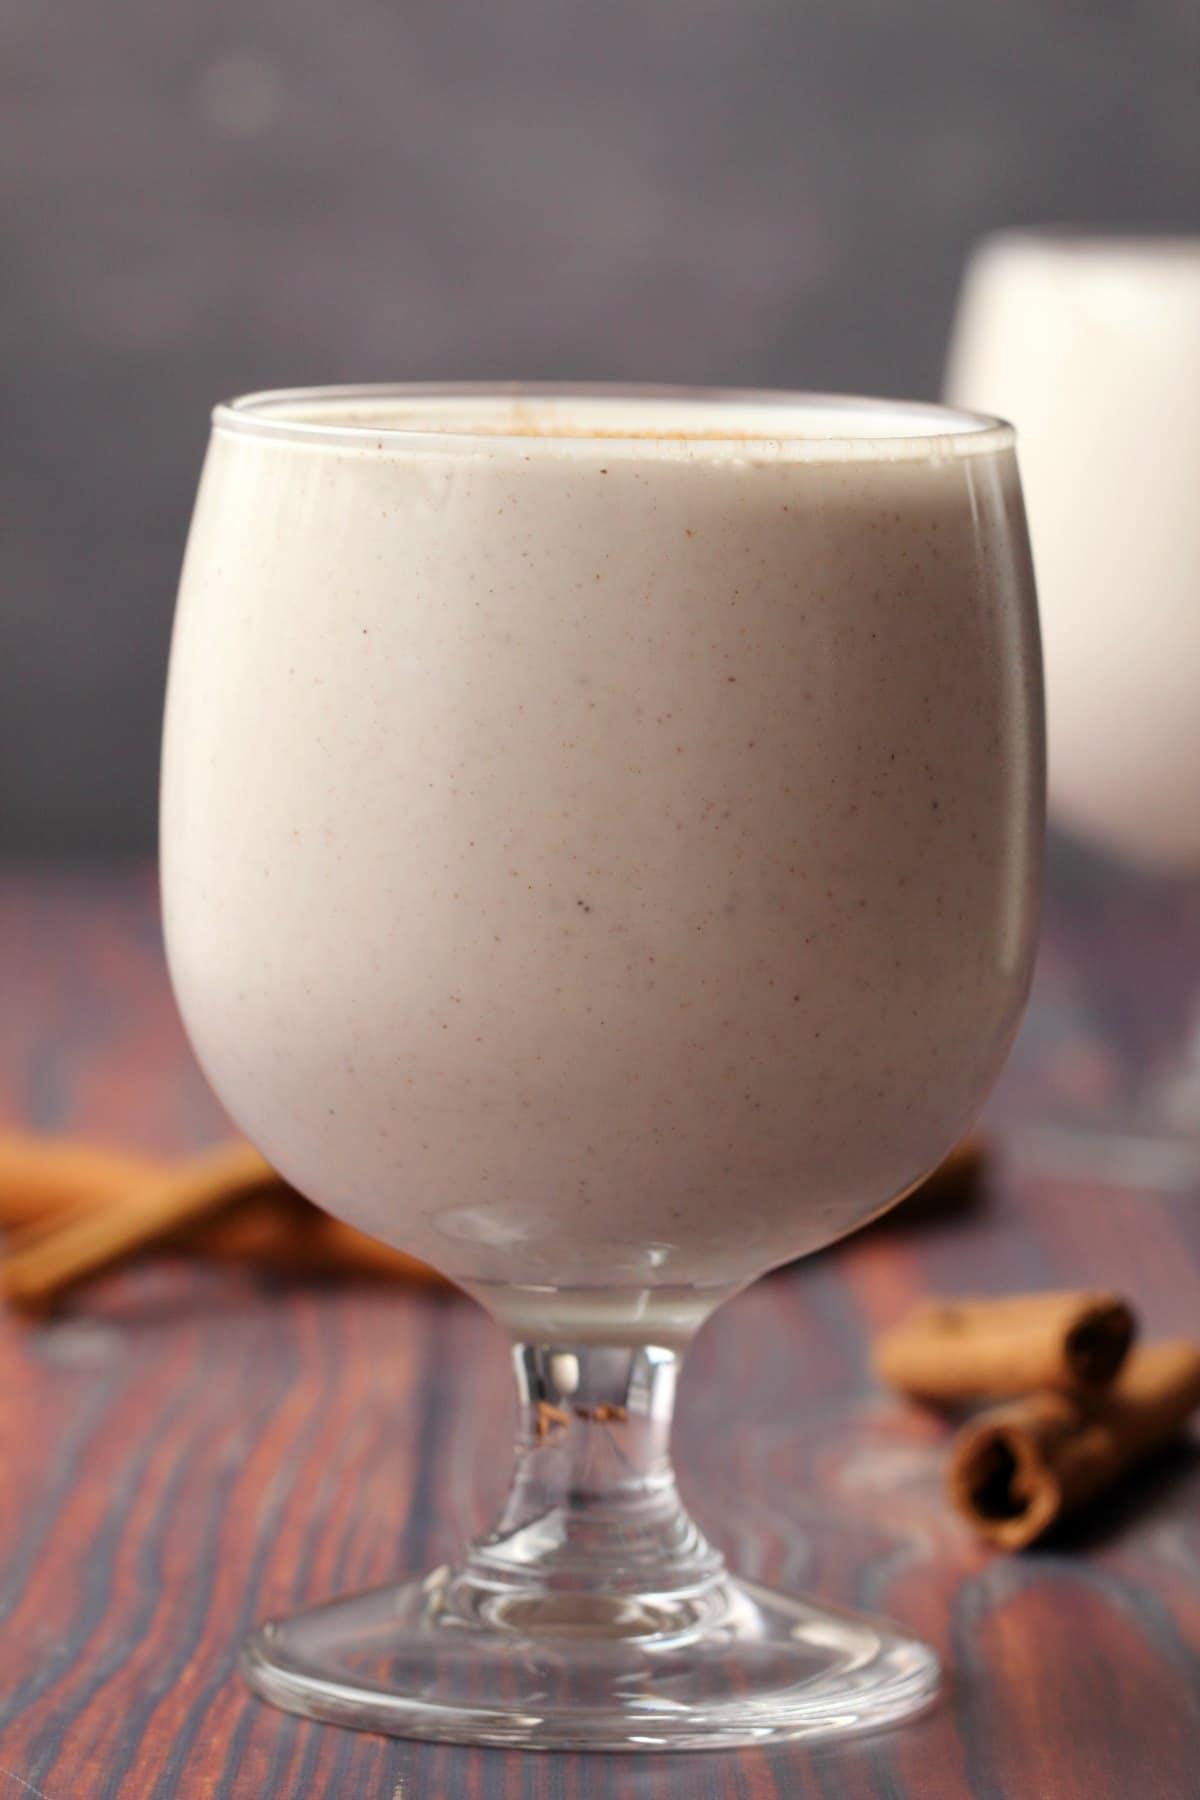 Vegan eggnog in a glass.